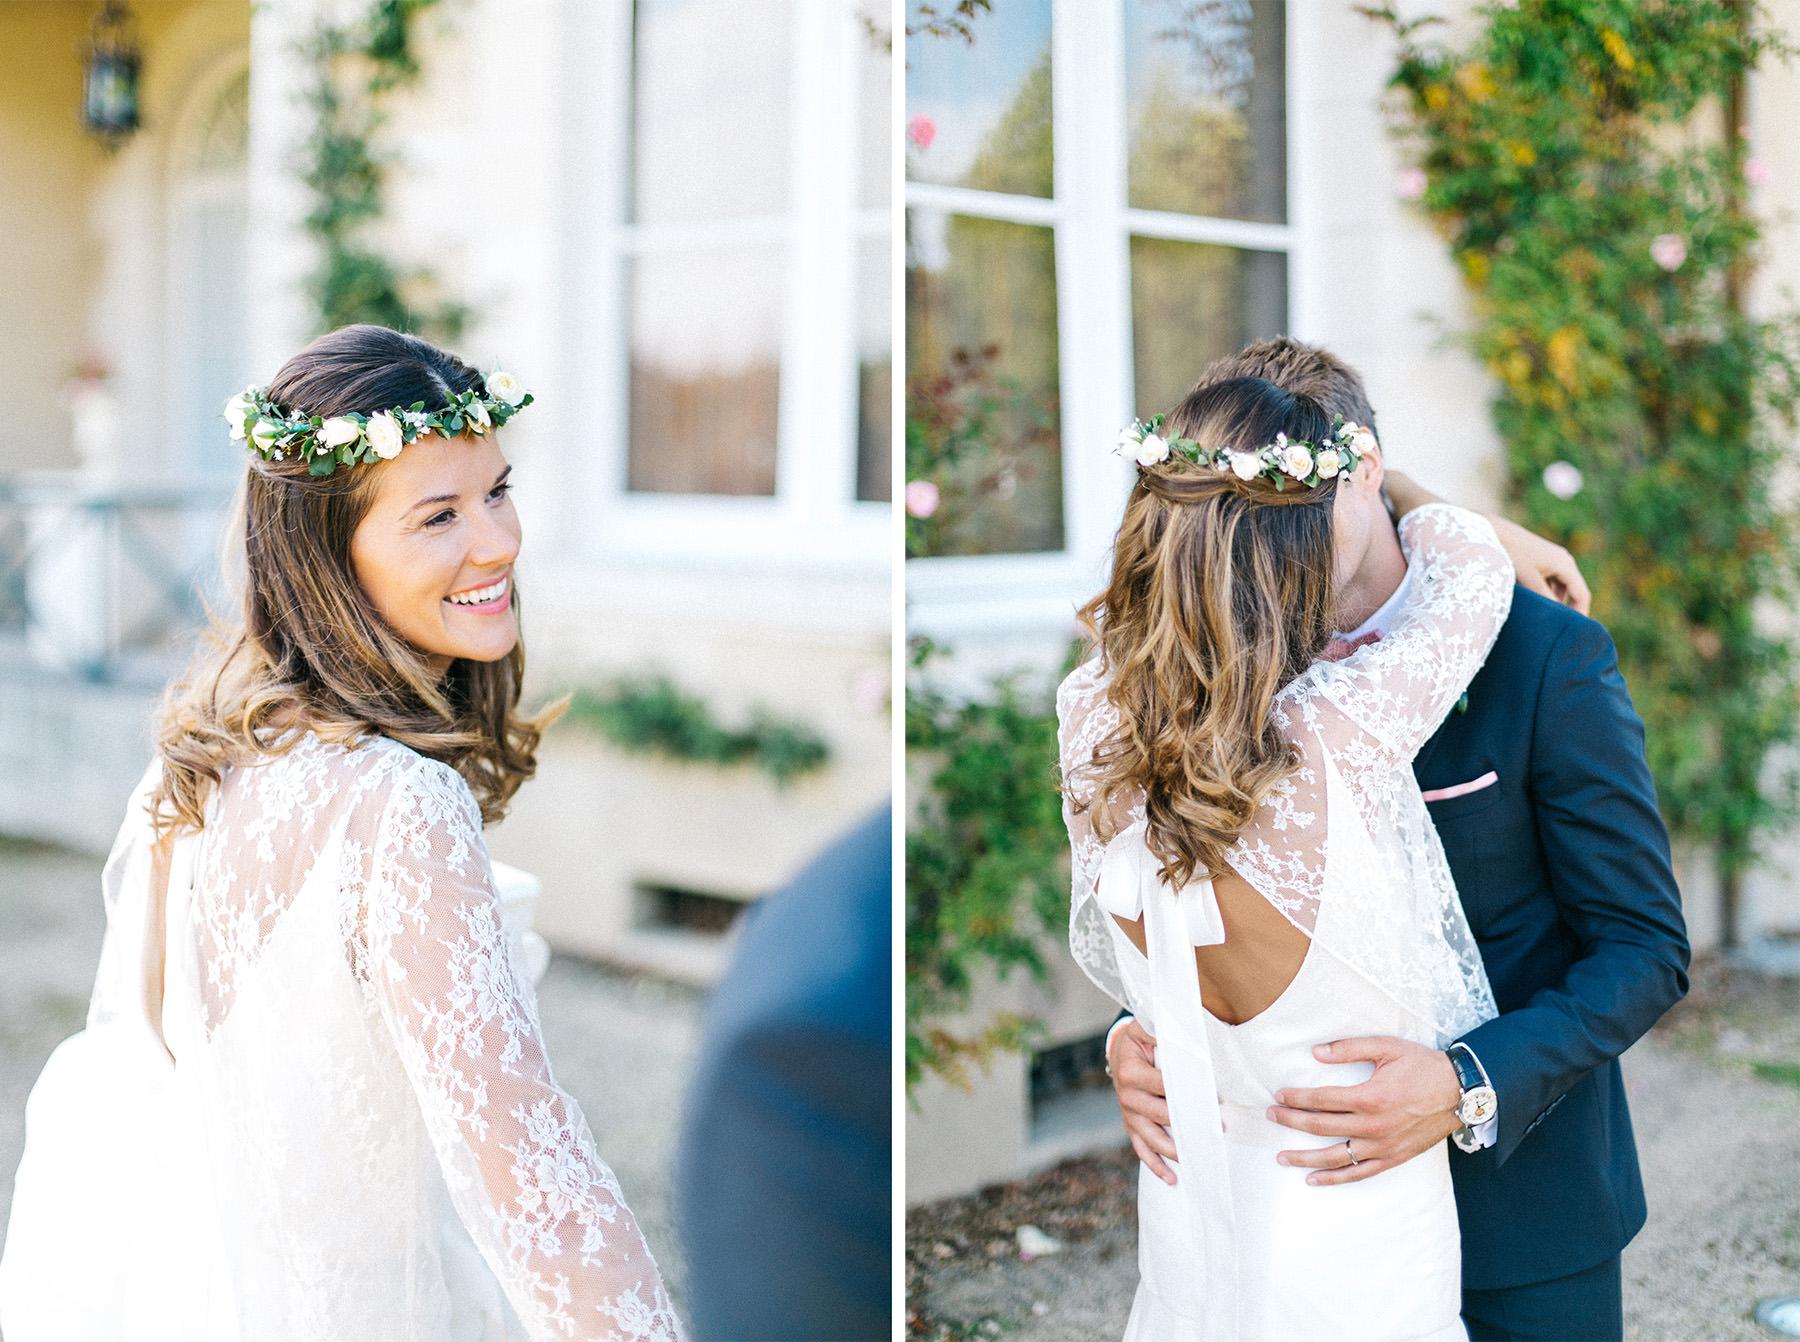 photographe-mariage-la-roche-sur-yon-26